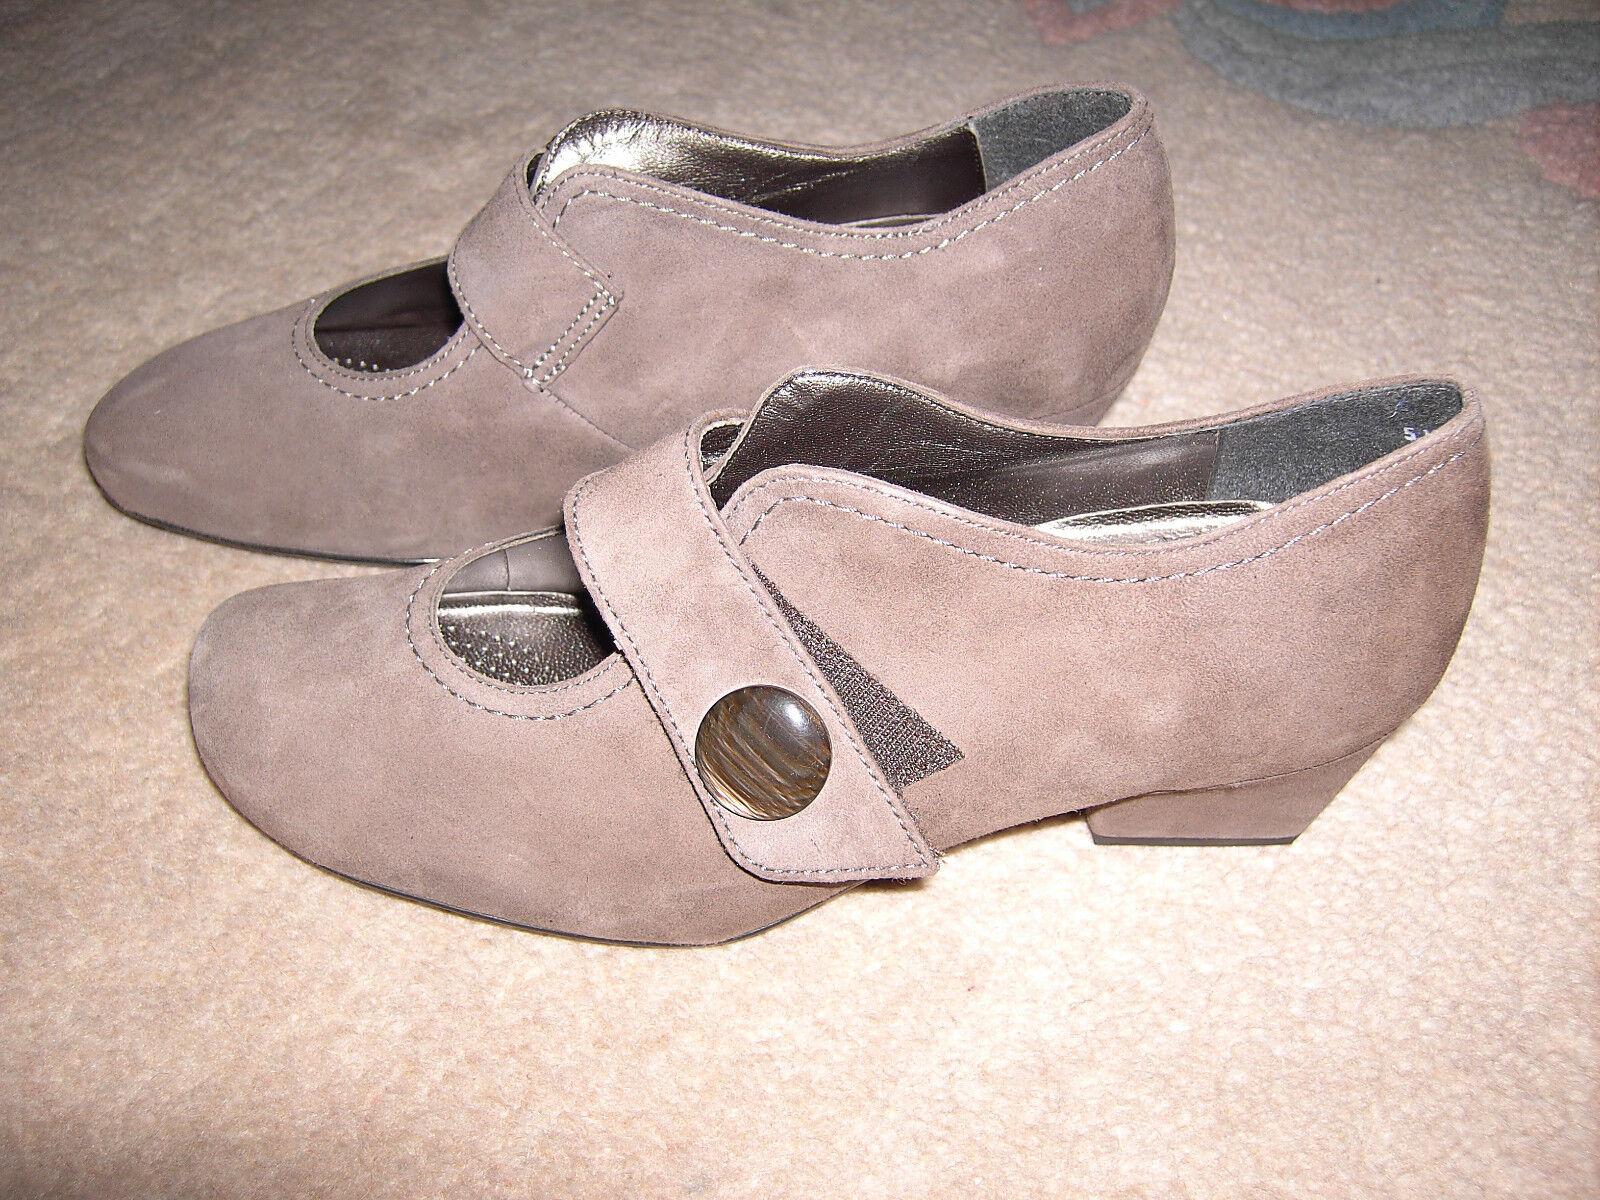 Damen Schuhe Pumps Gr 38,5 / 5,5 5,5 5,5 Wildleder NEU ara e42f30